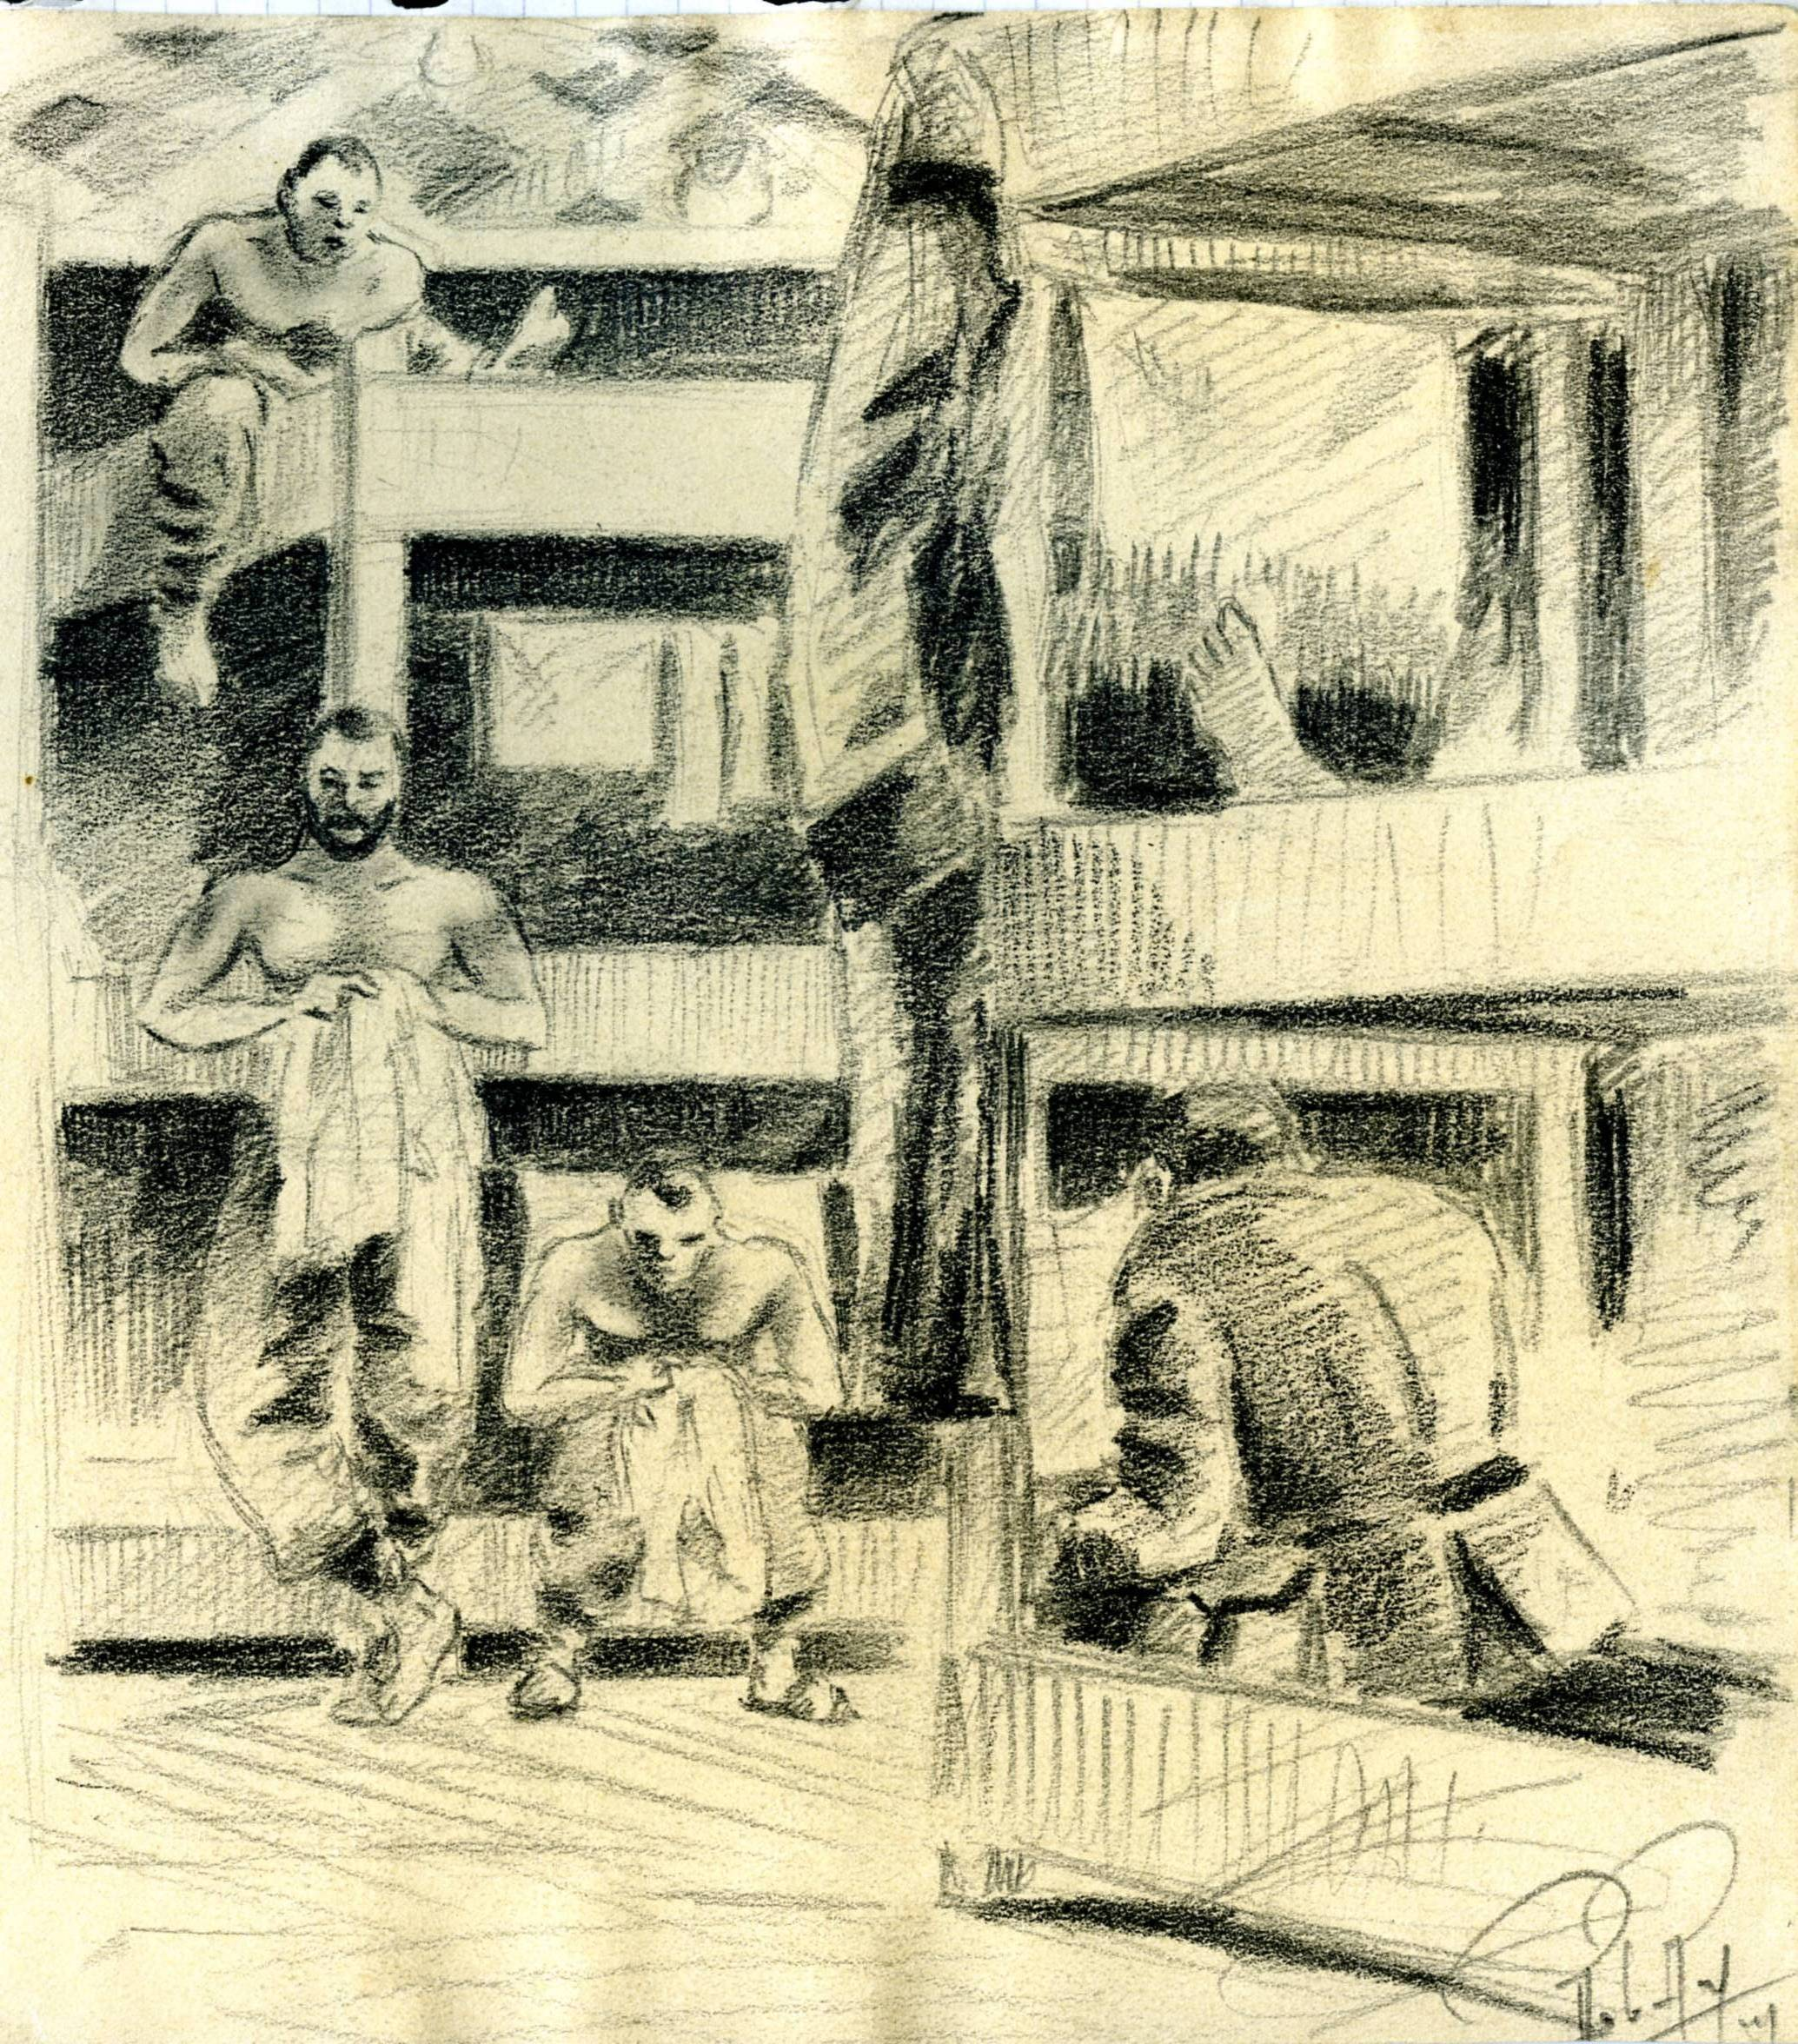 Le baraquement